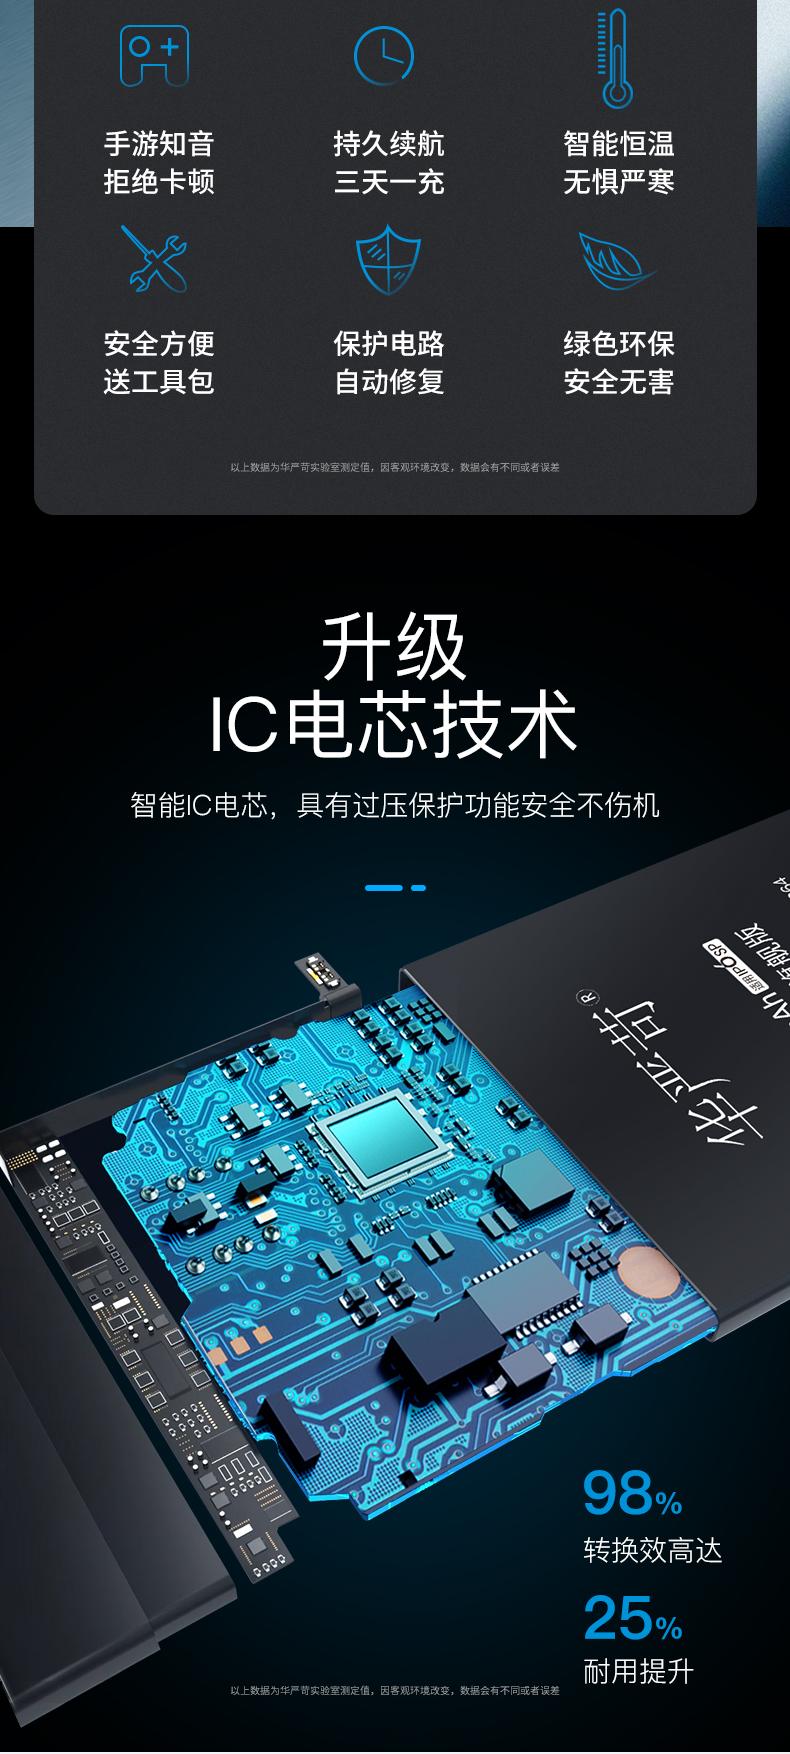 华严苛 苹果 全系列 多20%高容量电池 2990mAh 实测电池更耐用 图21